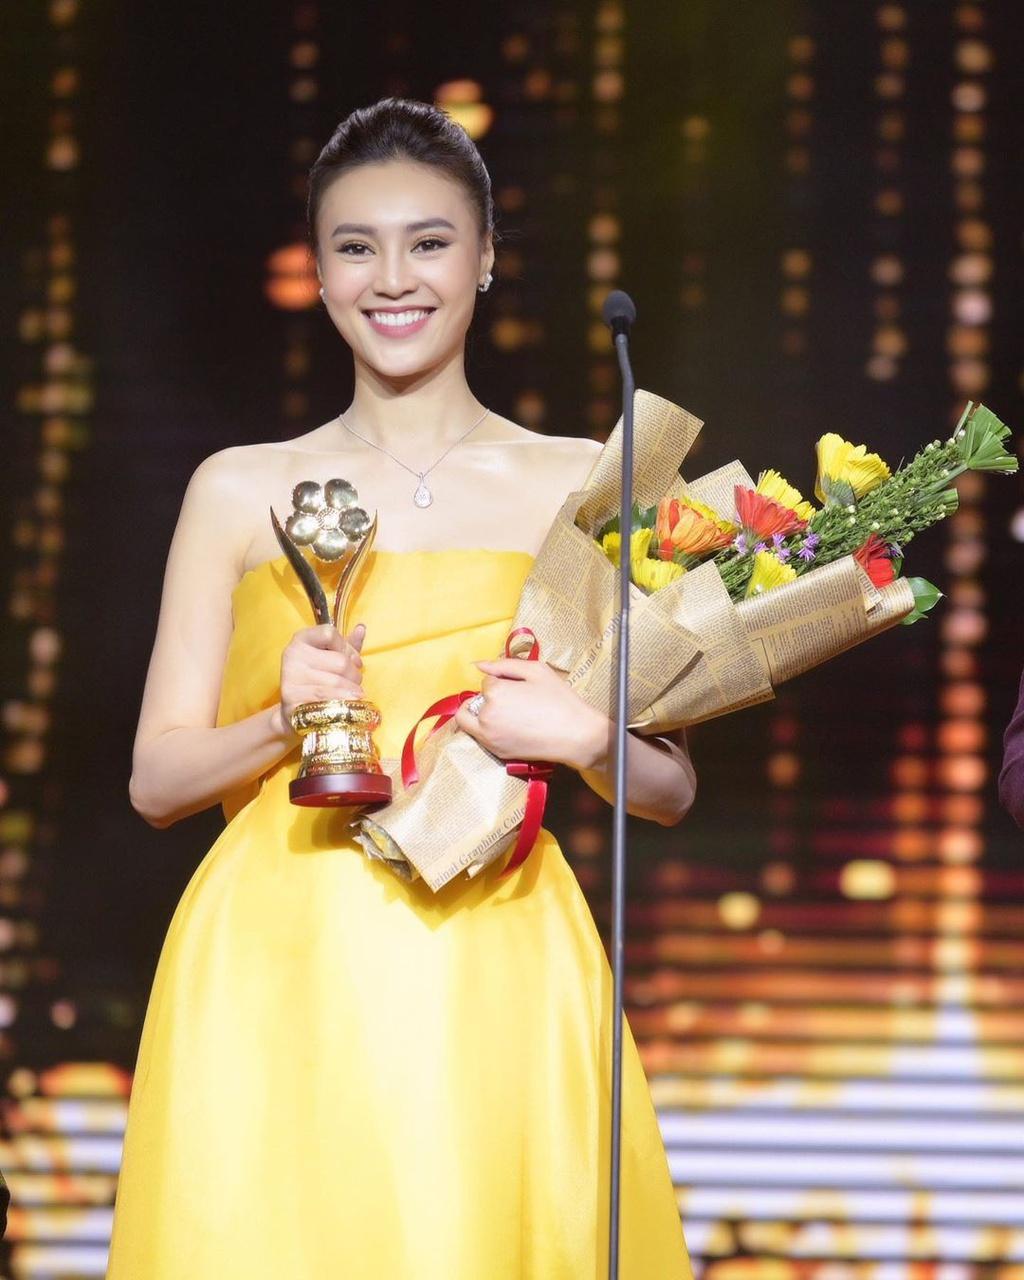 Ninh Dương Lan Ngọc đã có một năm hoạt động thành công với một số giải thưởng điện ảnh